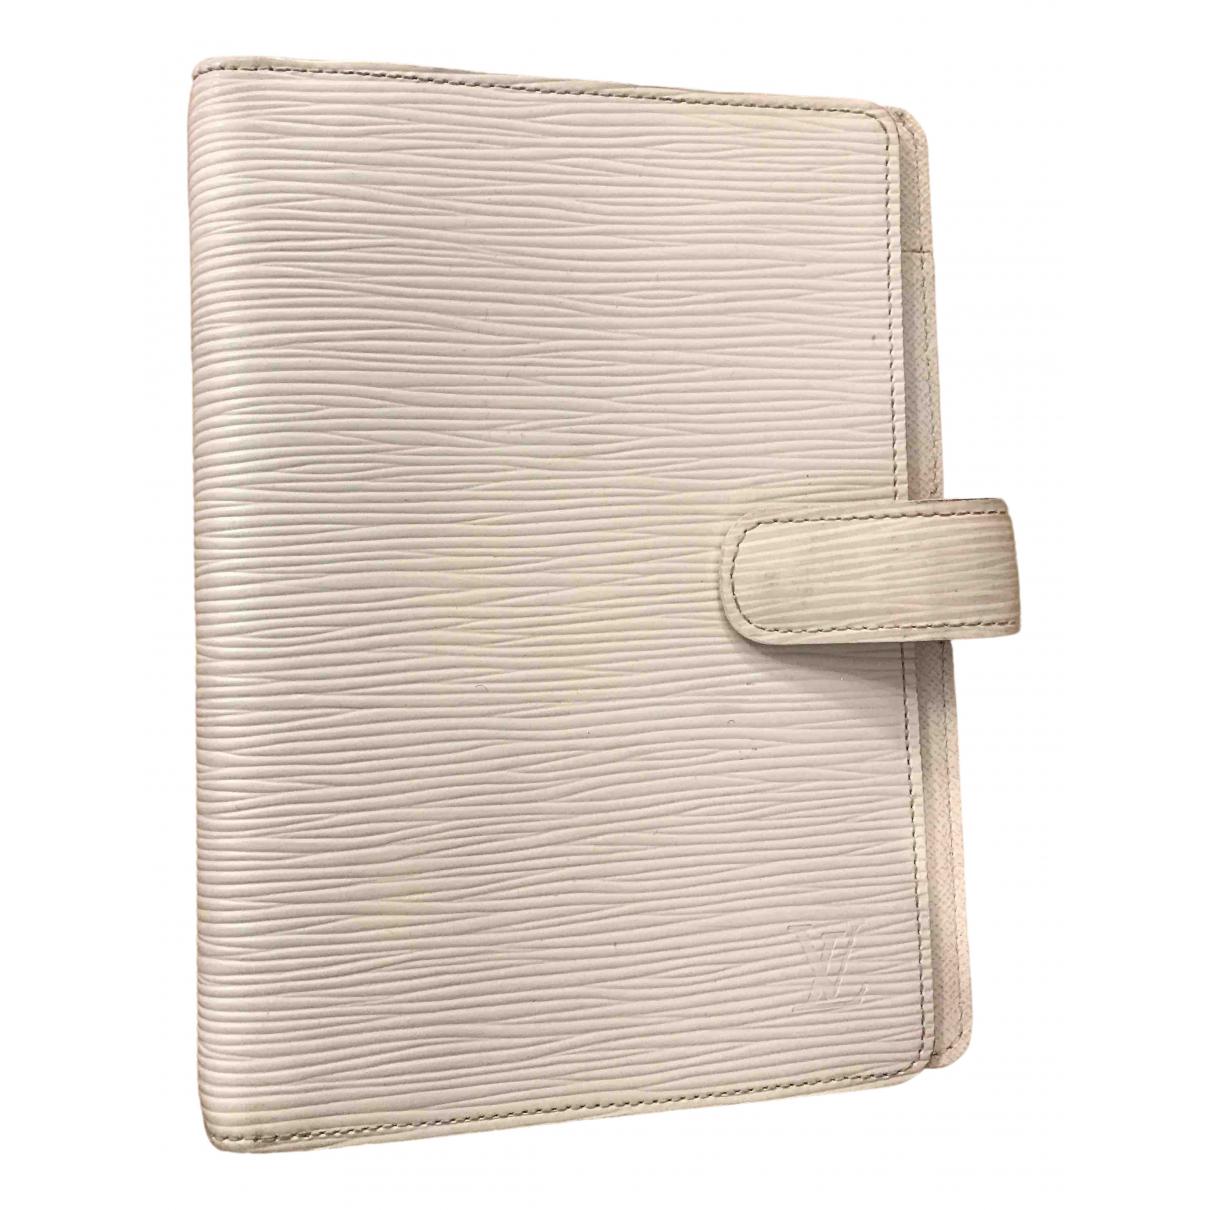 Louis Vuitton - Objets & Deco Couverture dagenda GM pour lifestyle en cuir - blanc